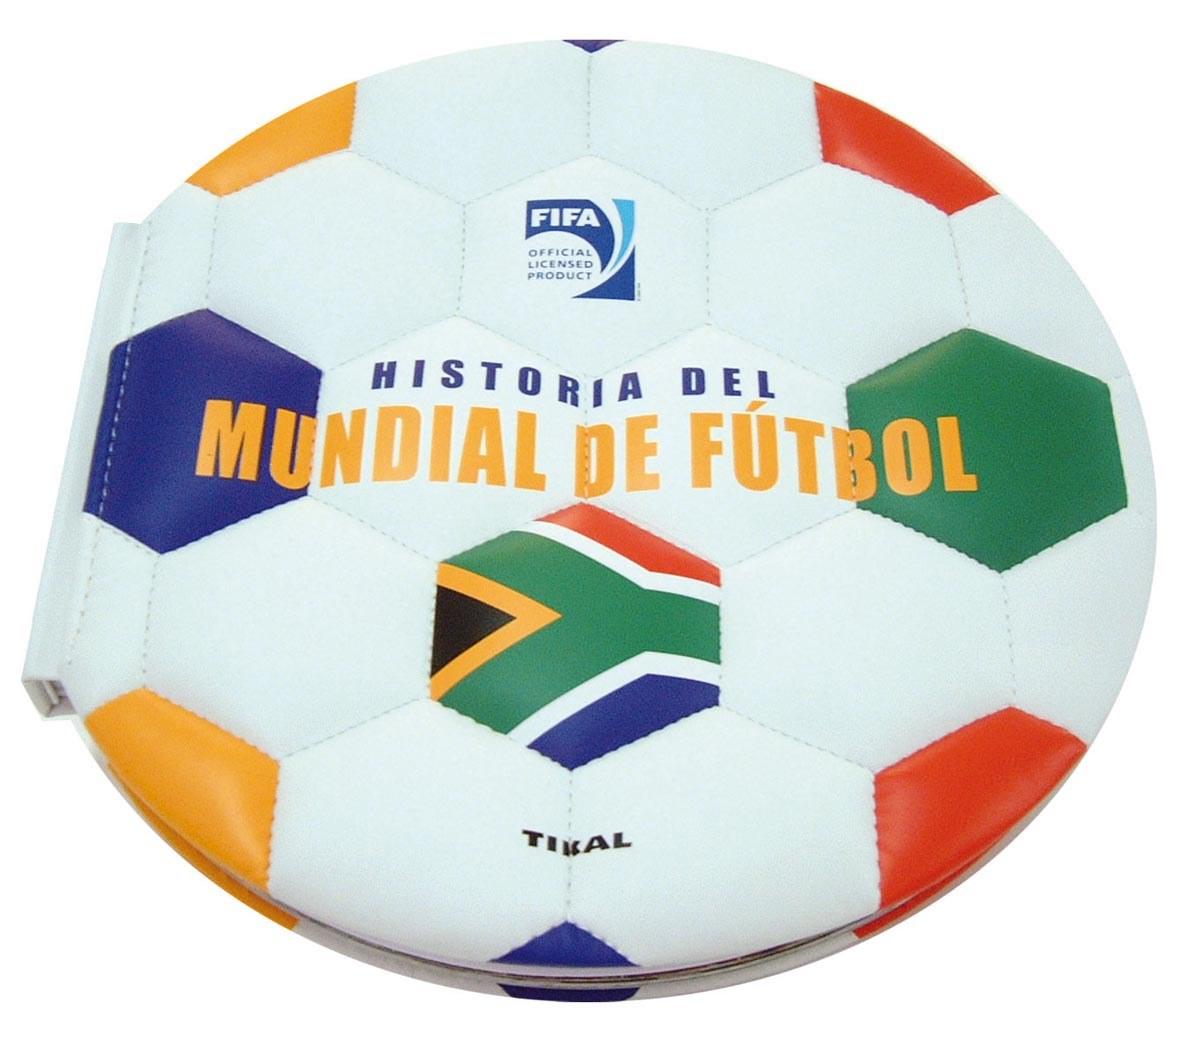 Historia del mundial de fútbol 9788499283722